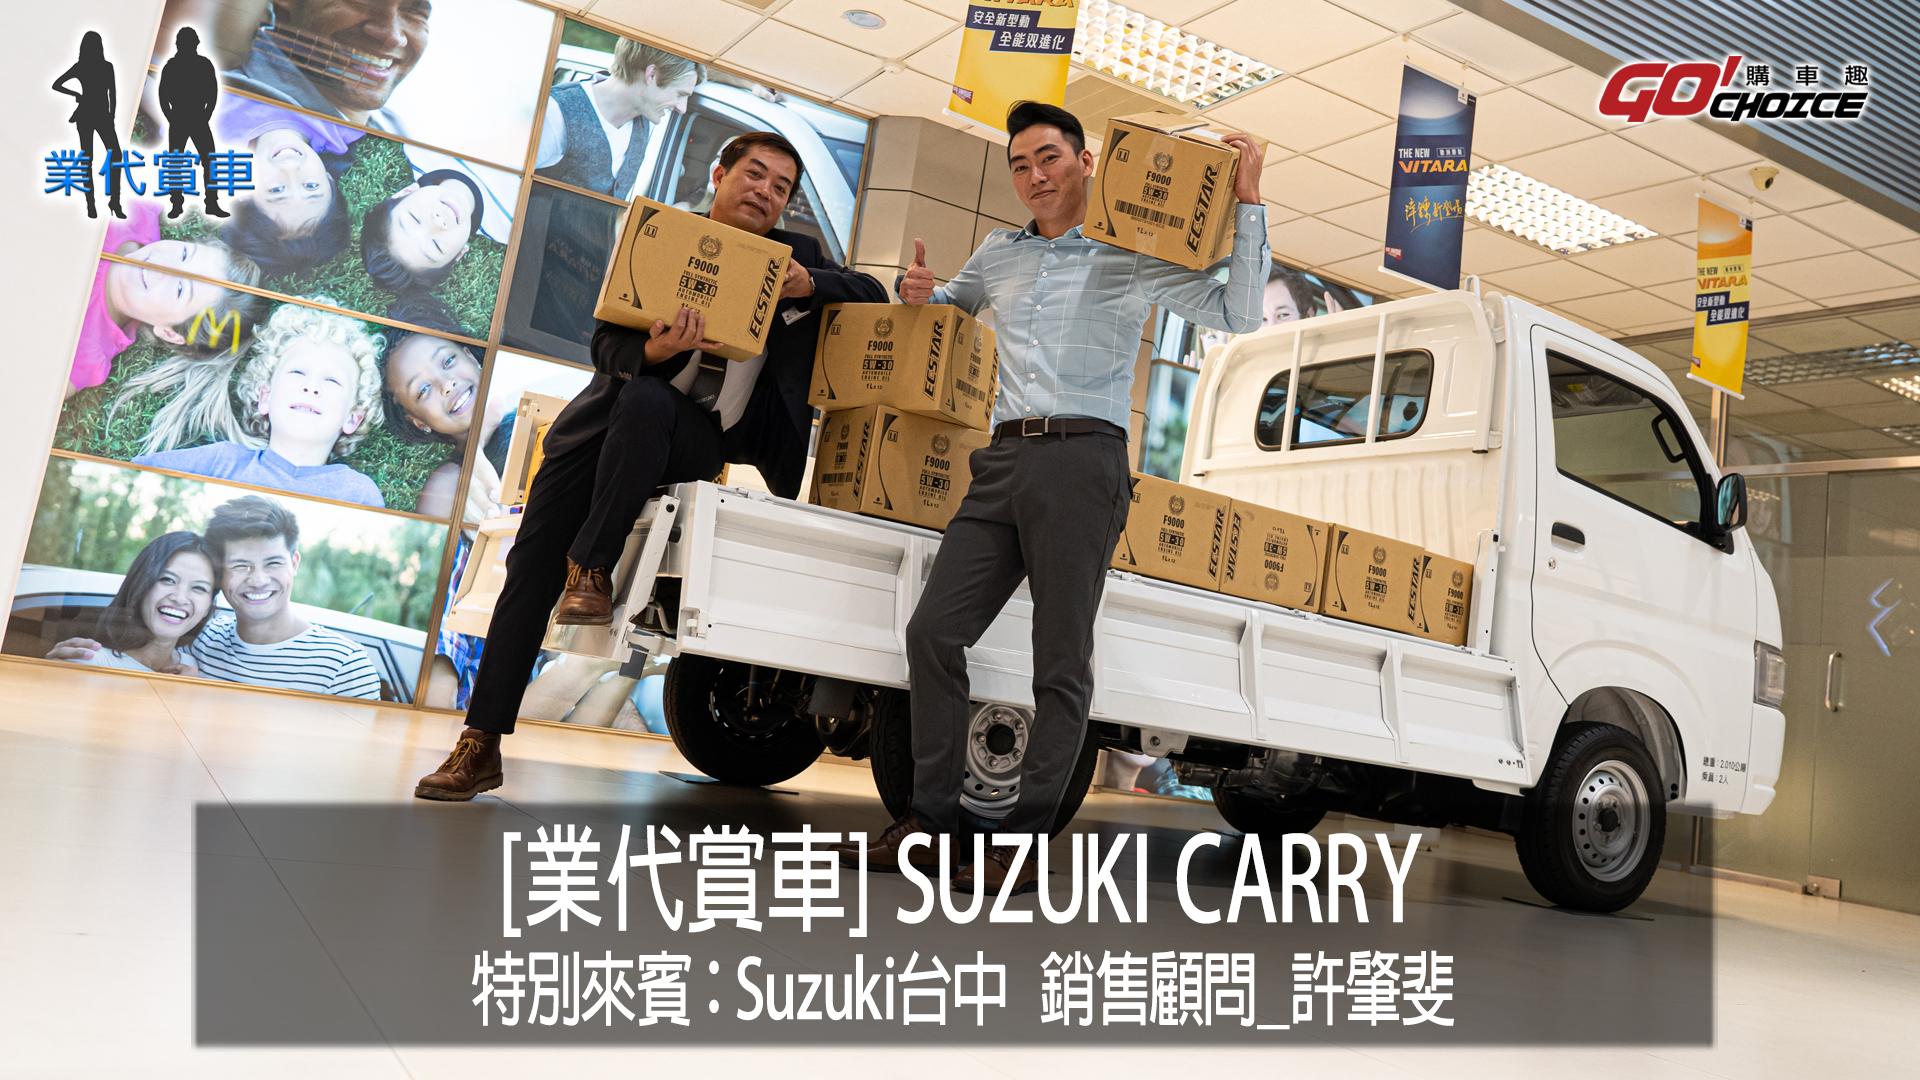 業代賞車-出手排我就買!SUZUKI CARRY這不是來了嗎?!SUZUKI台中_銷售顧問 許肇斐